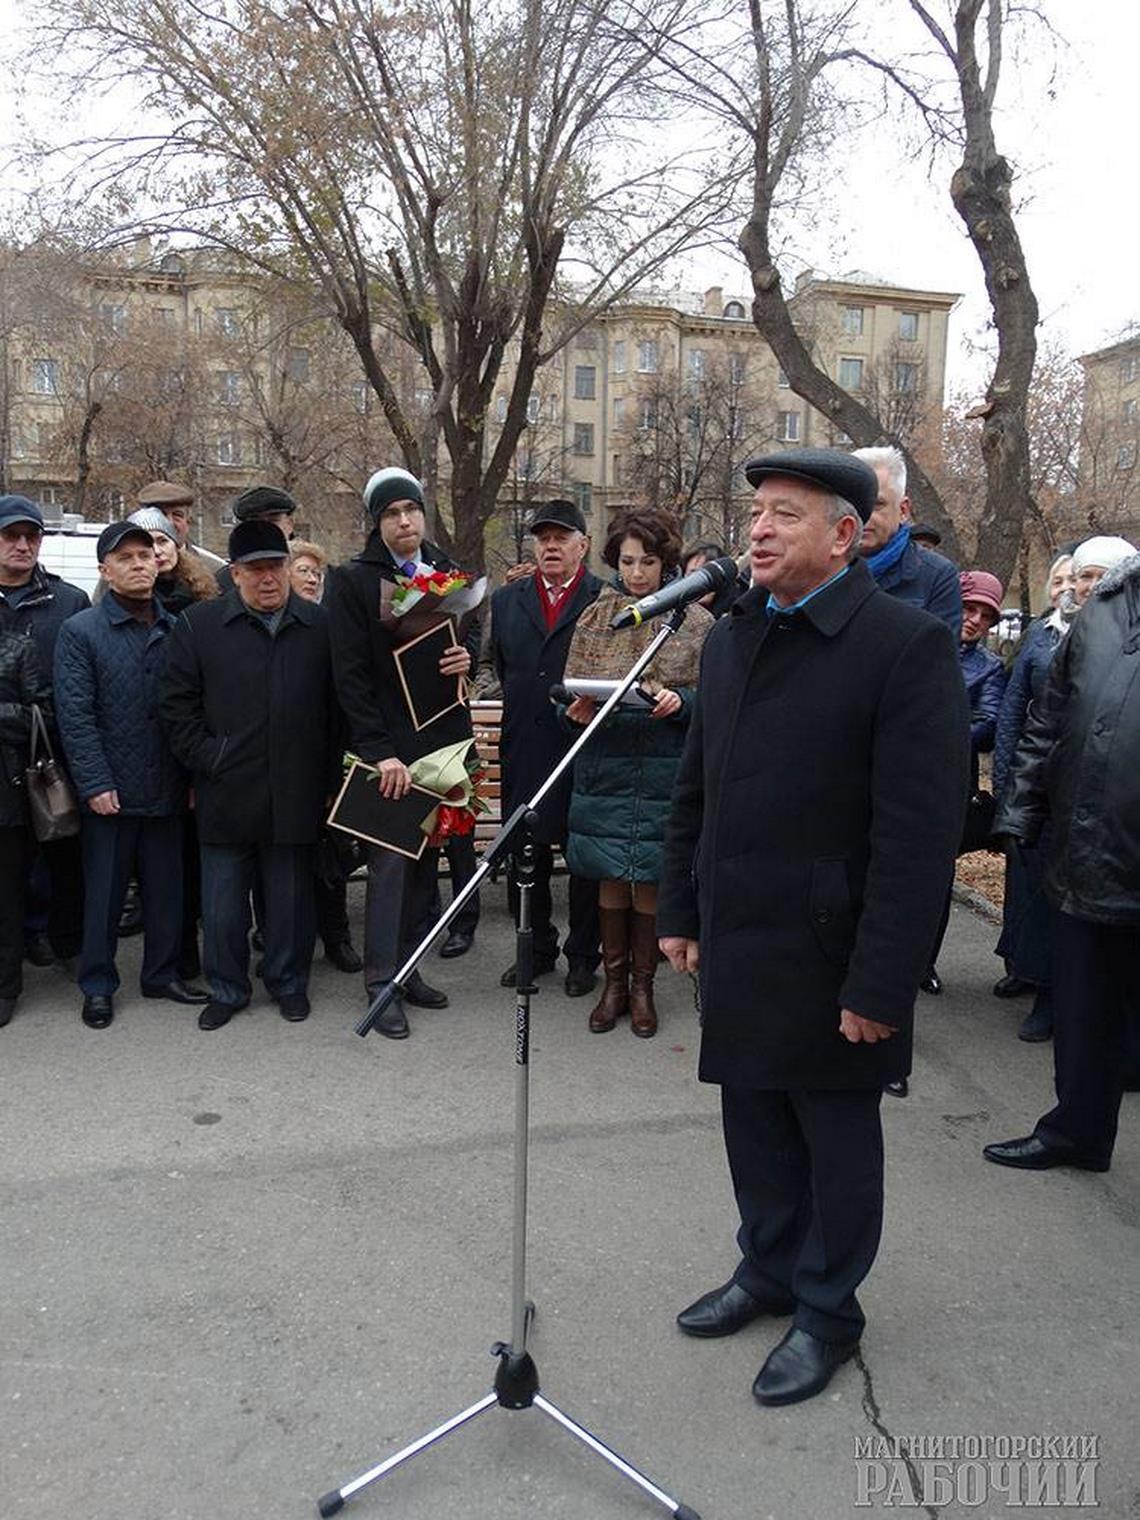 Капитан, улыбнитесь!В сквере Металлургов накануне Дня сотрудника органов внутренних дел открыли памятник милиционеру